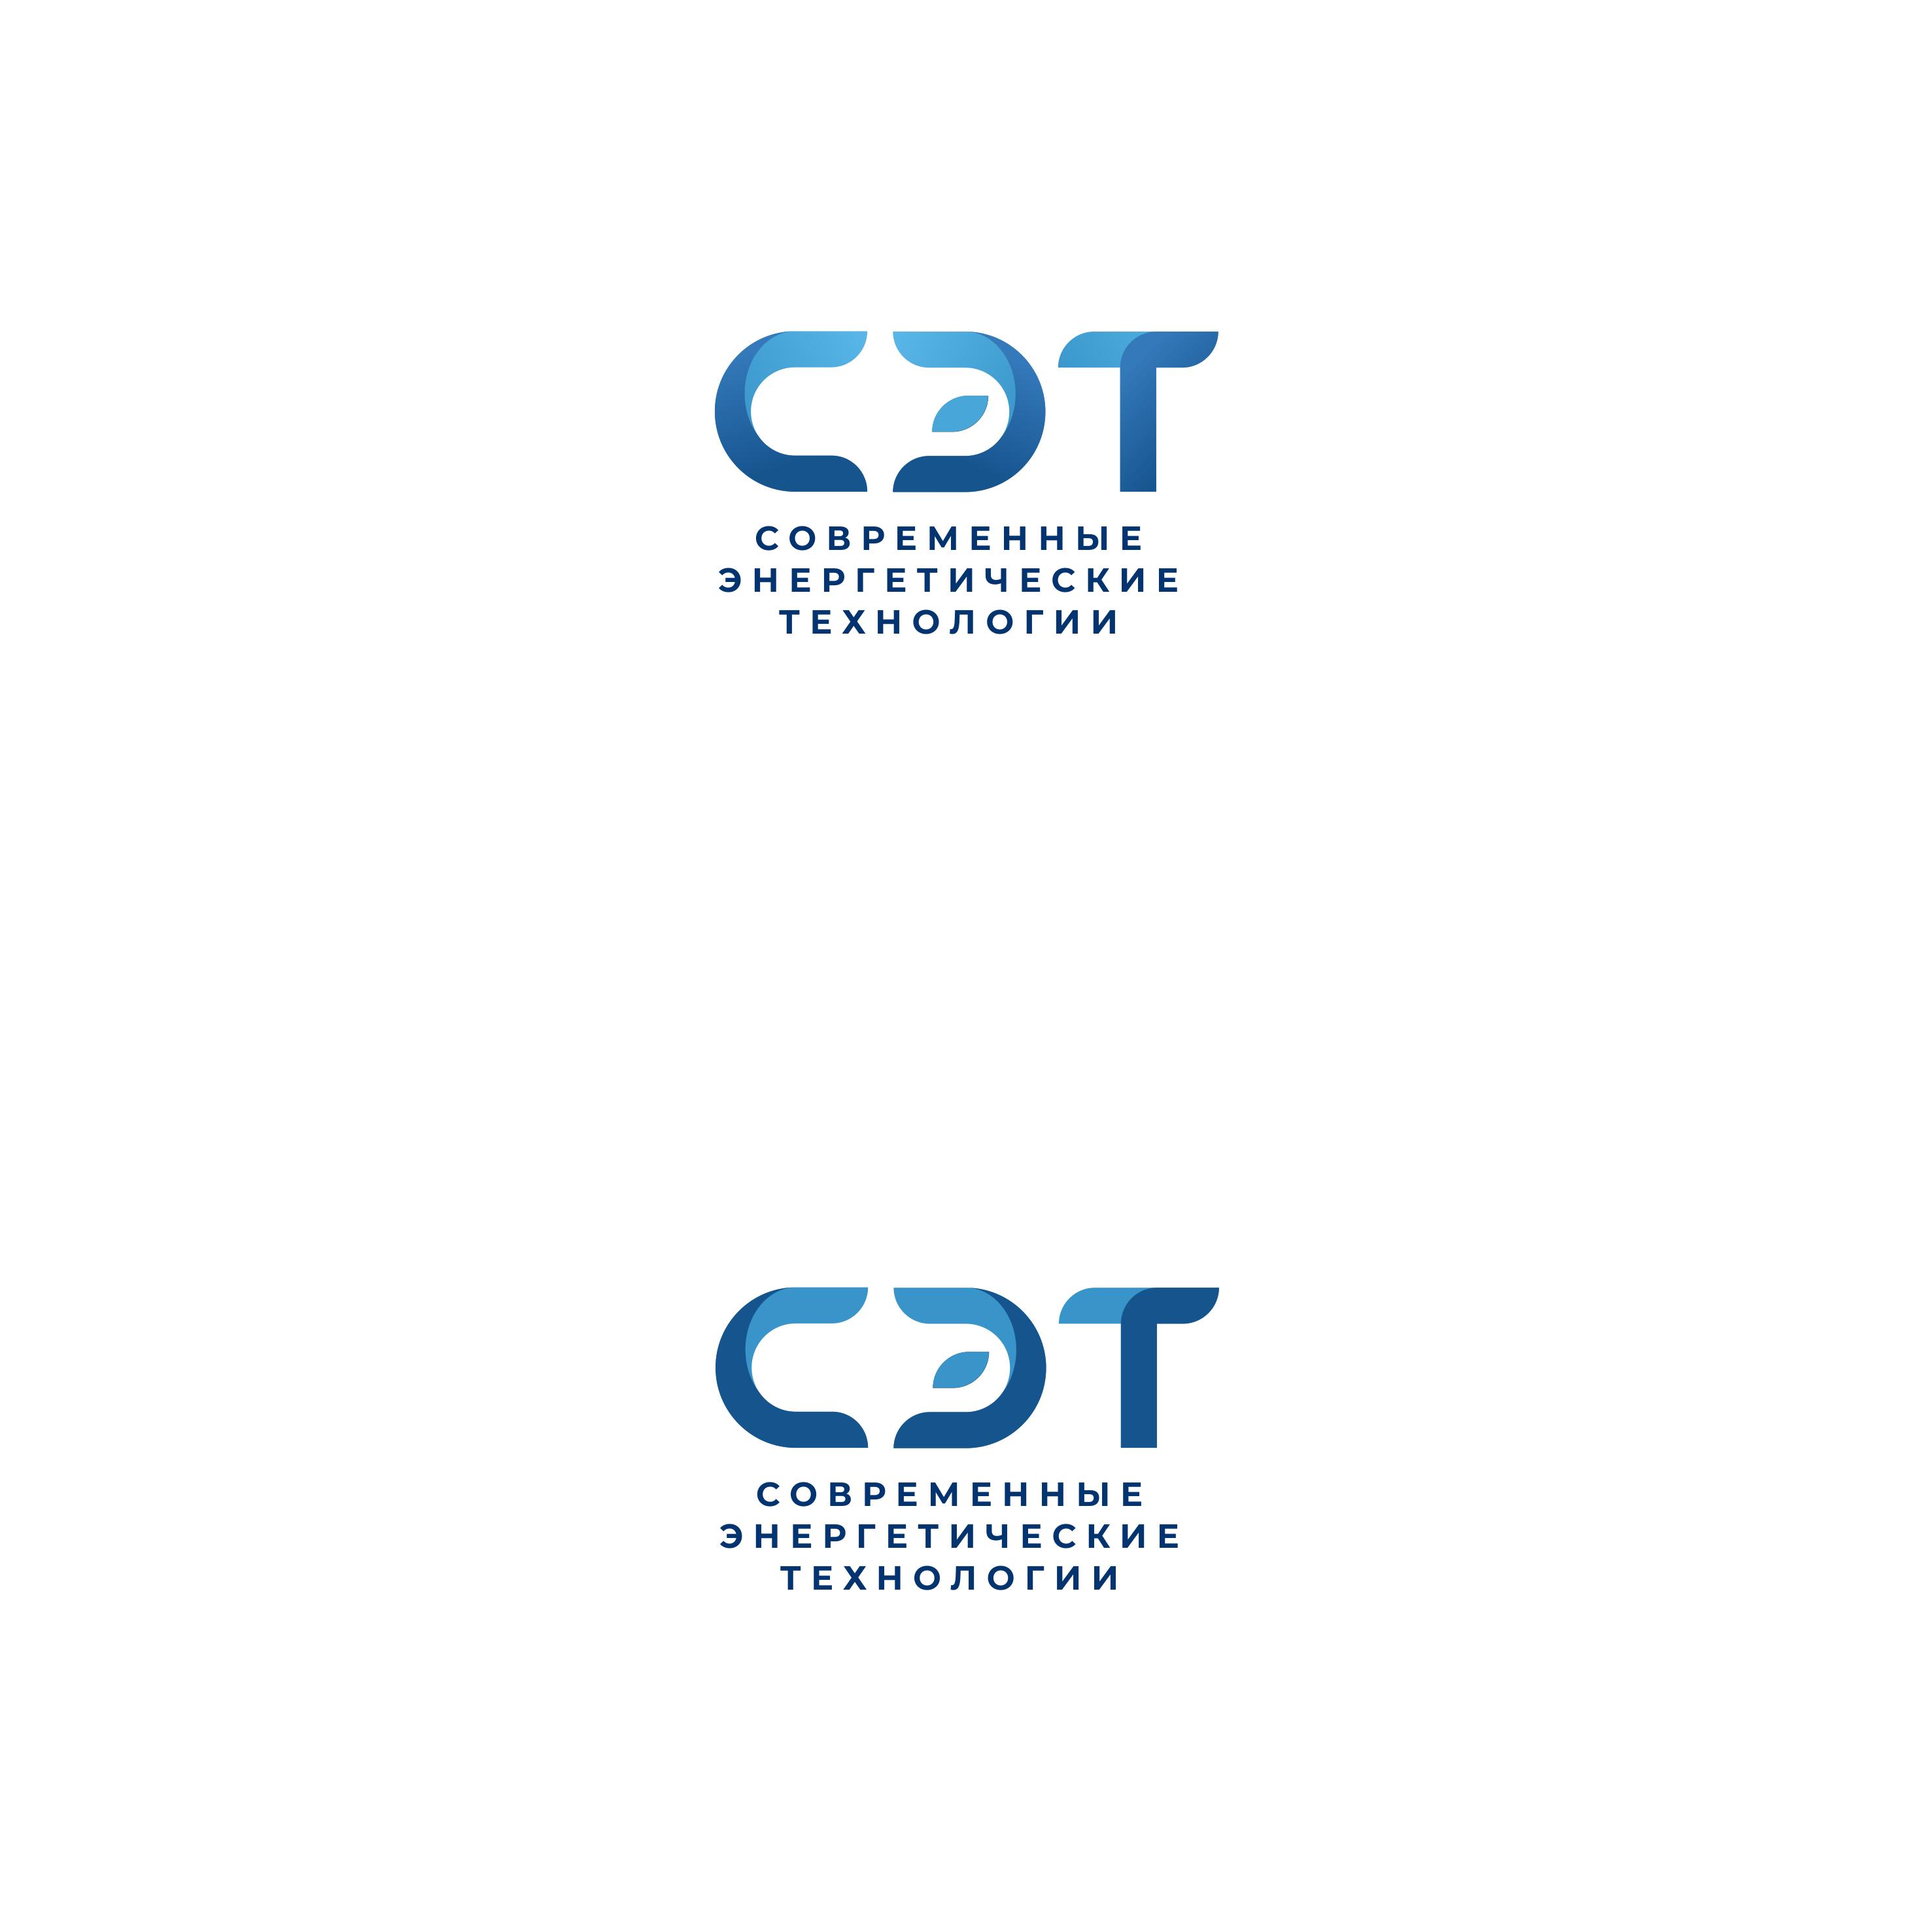 Срочно! Дизайн логотипа ООО «СЭТ» фото f_9585d4c72c98882d.png